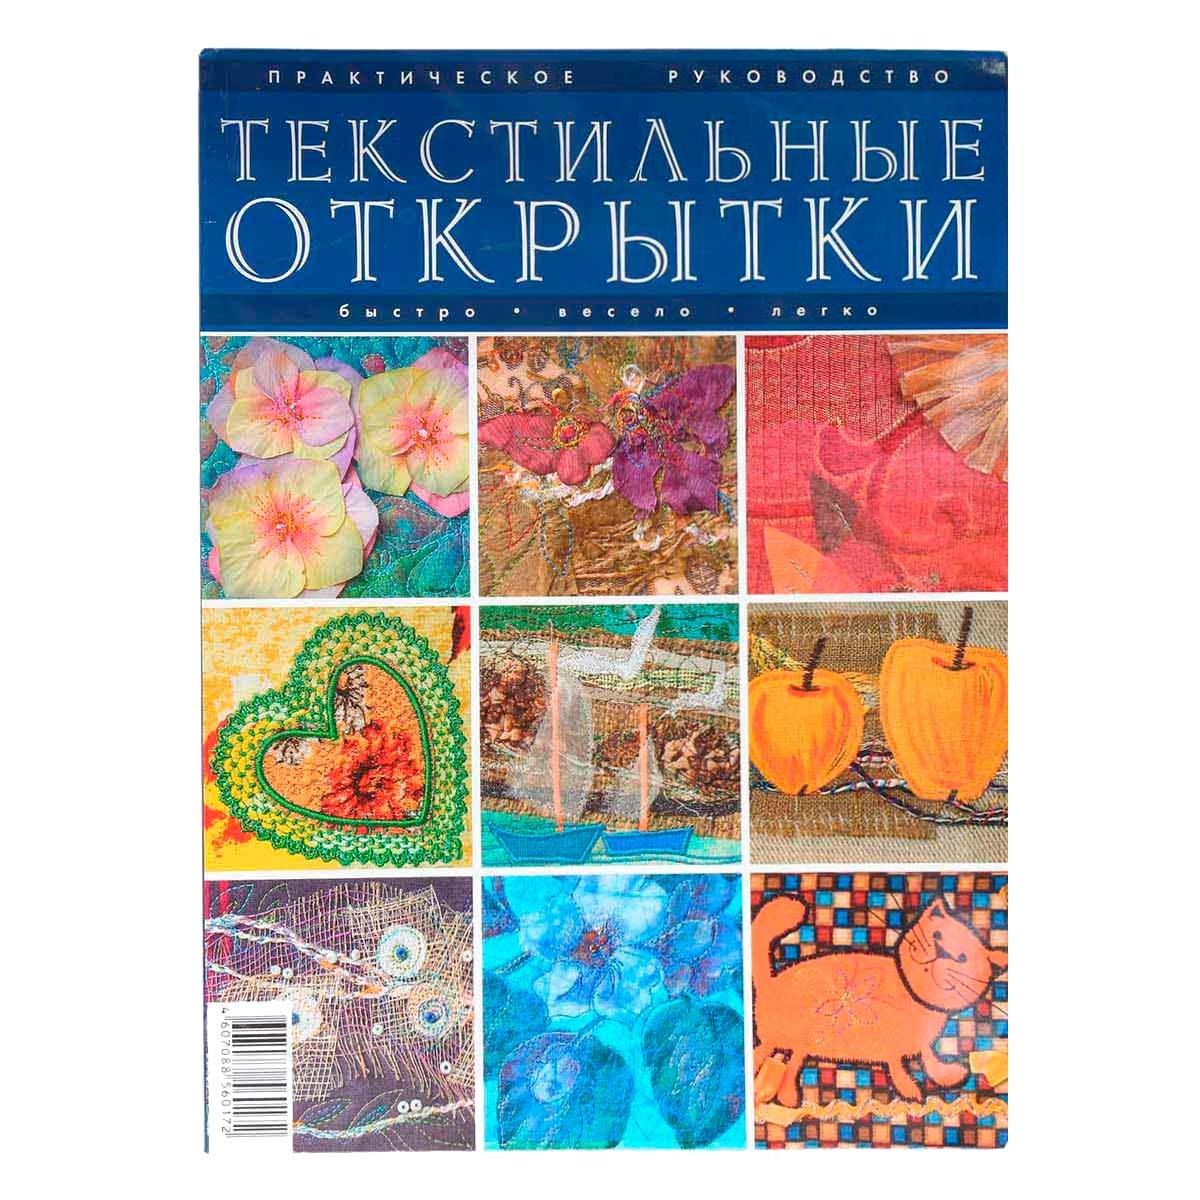 Альбом 'Текстильные открытки'